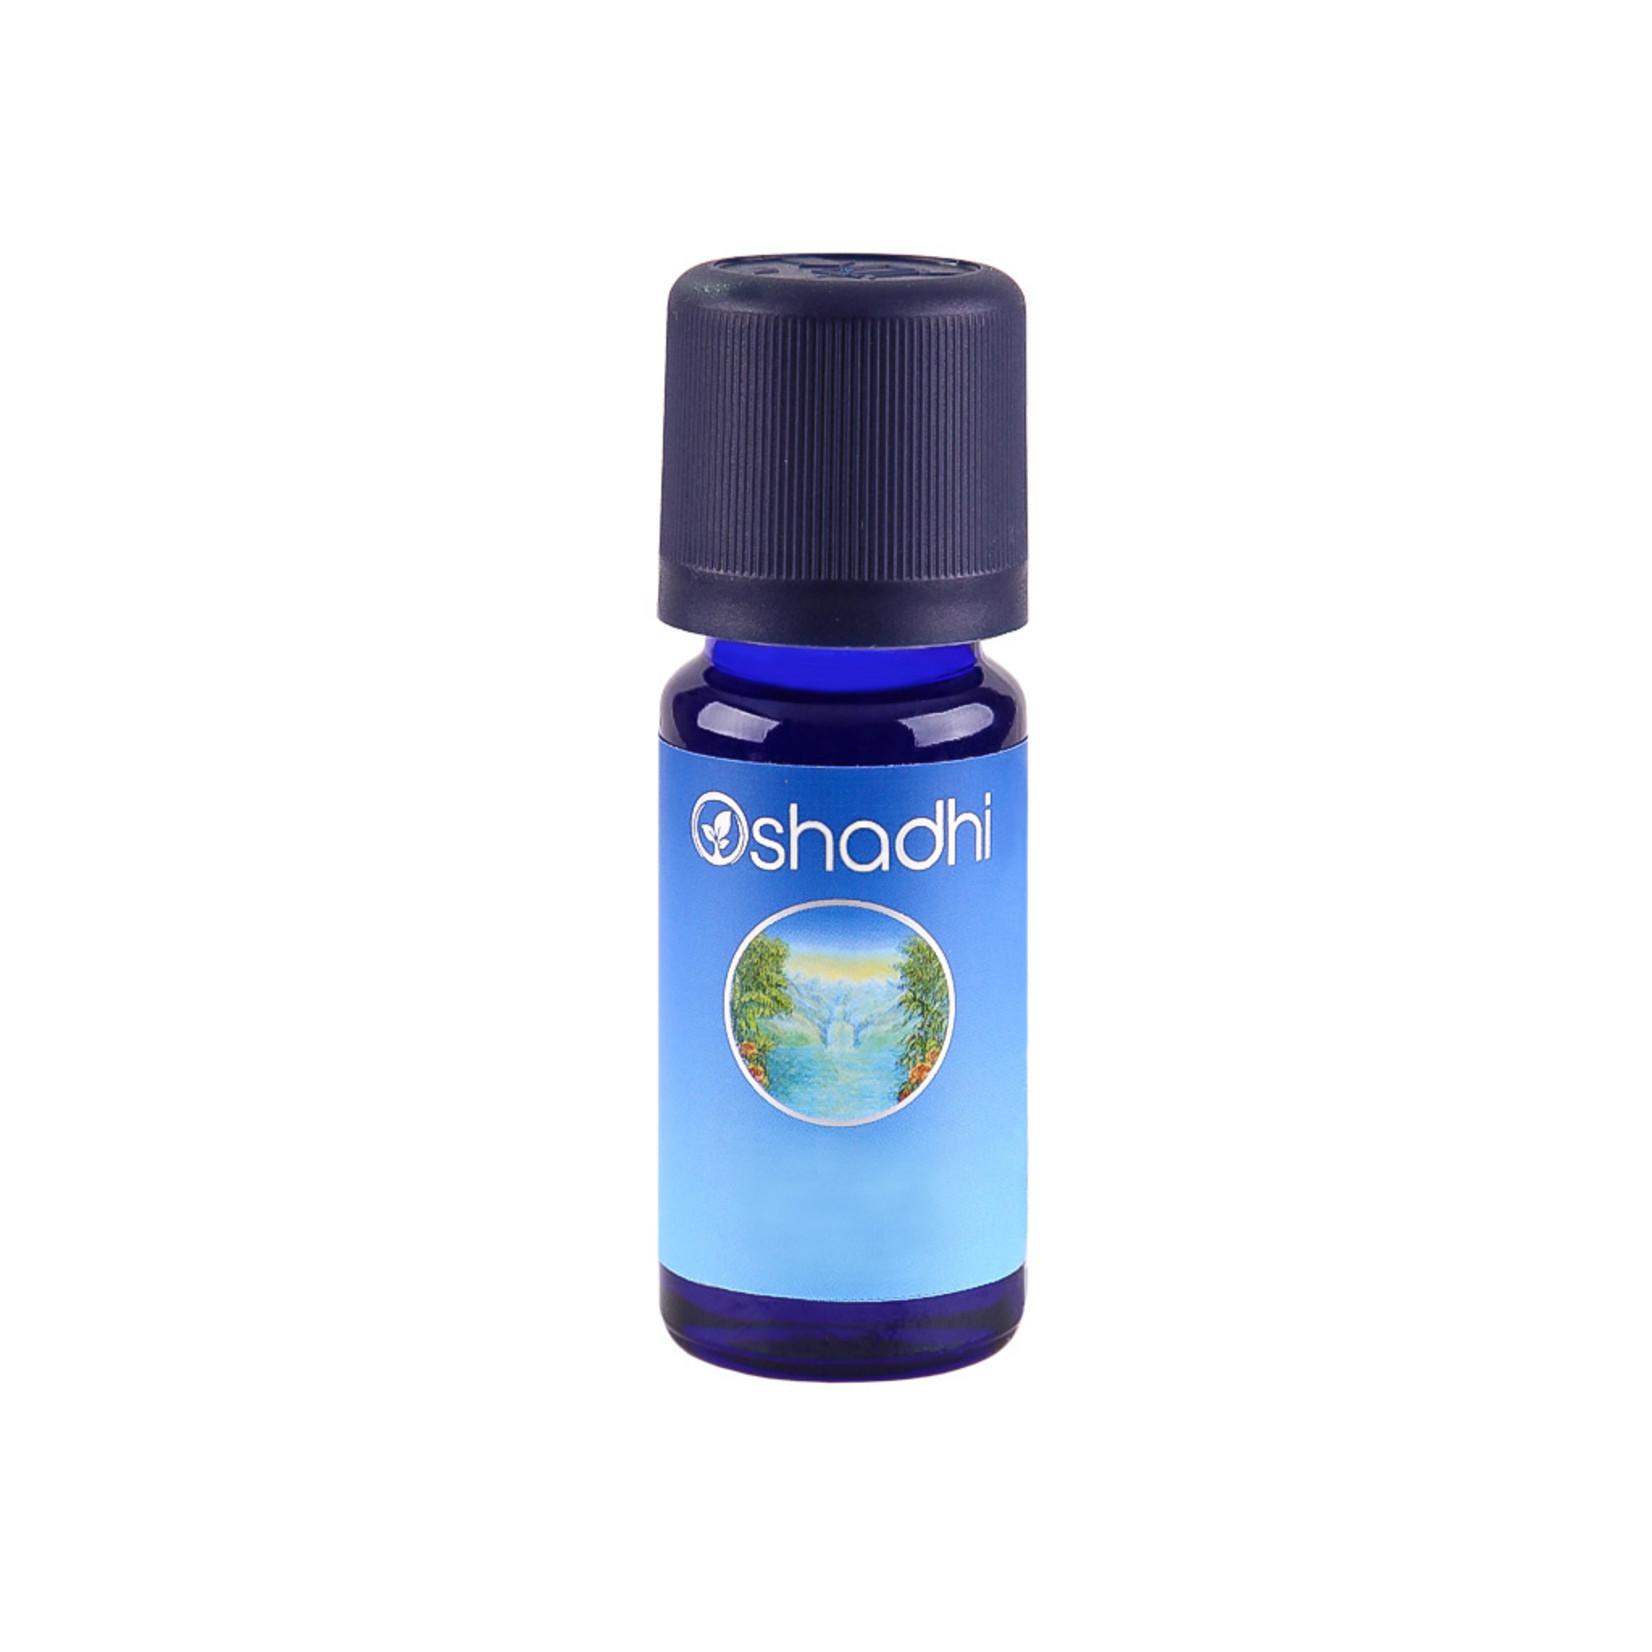 Oshadhi Bergamot Oshadhi - troost bij depressie 10ml